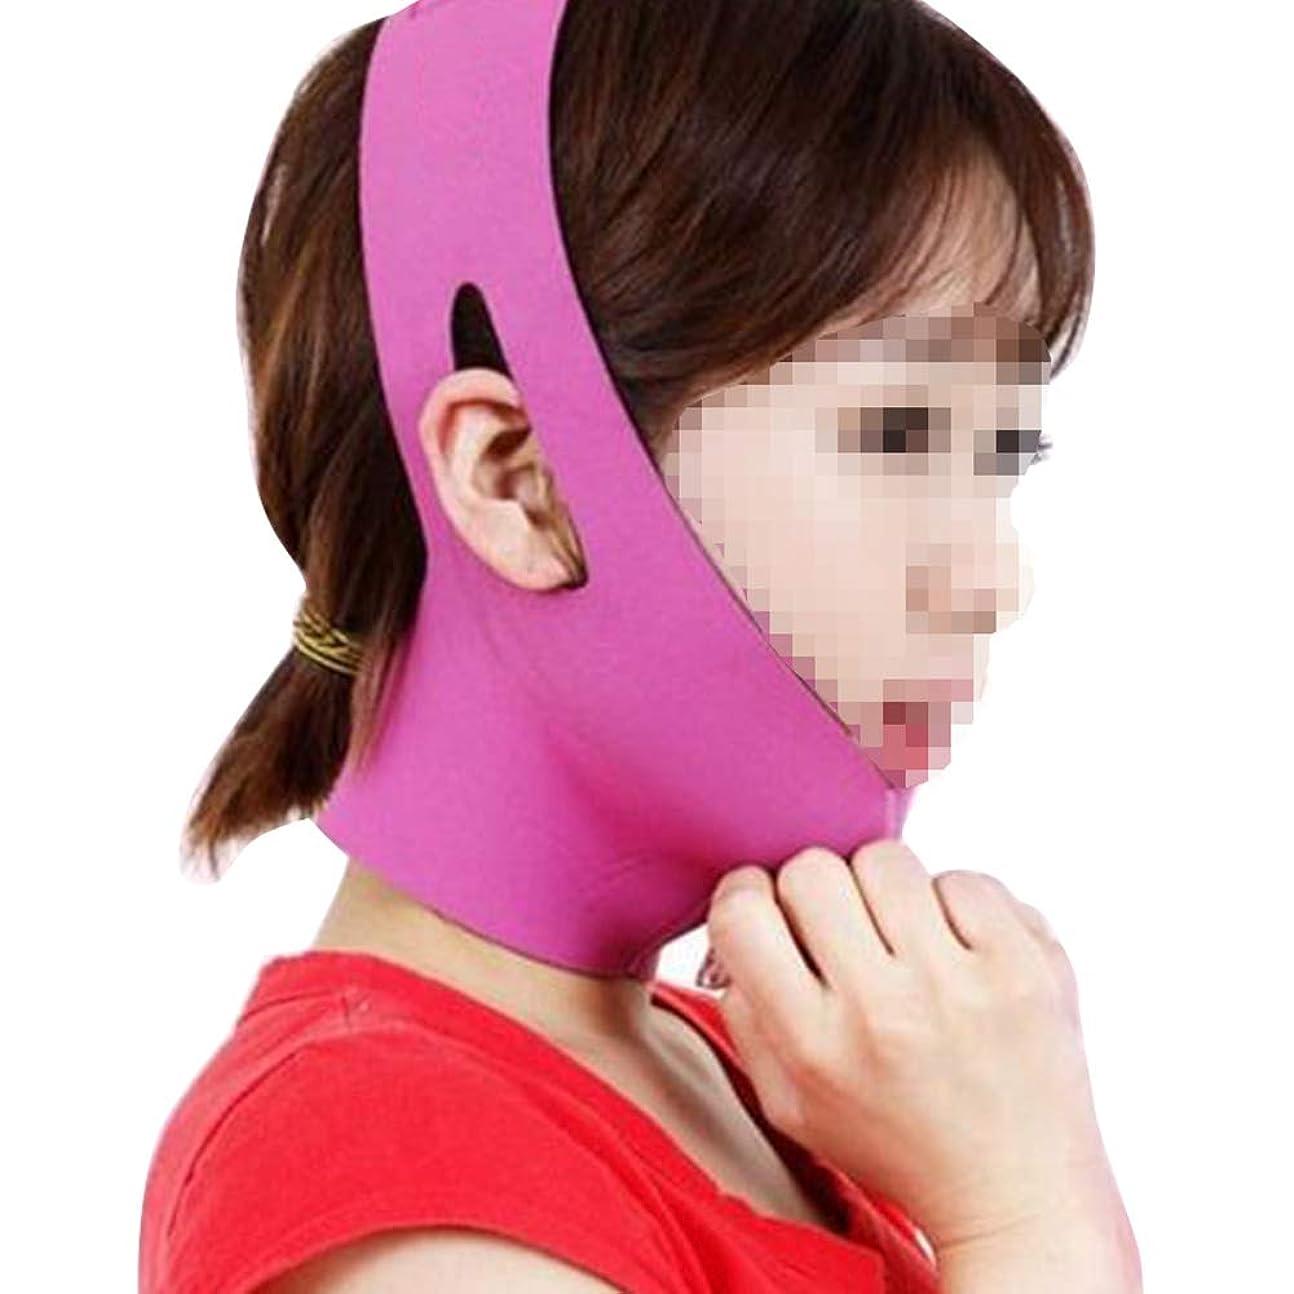 以降ウェイター佐賀PerPure フェイスリフティング 颜痩せグッズ 顔が小さくなる 美しい顔の輪郭を形作る 再使用可能